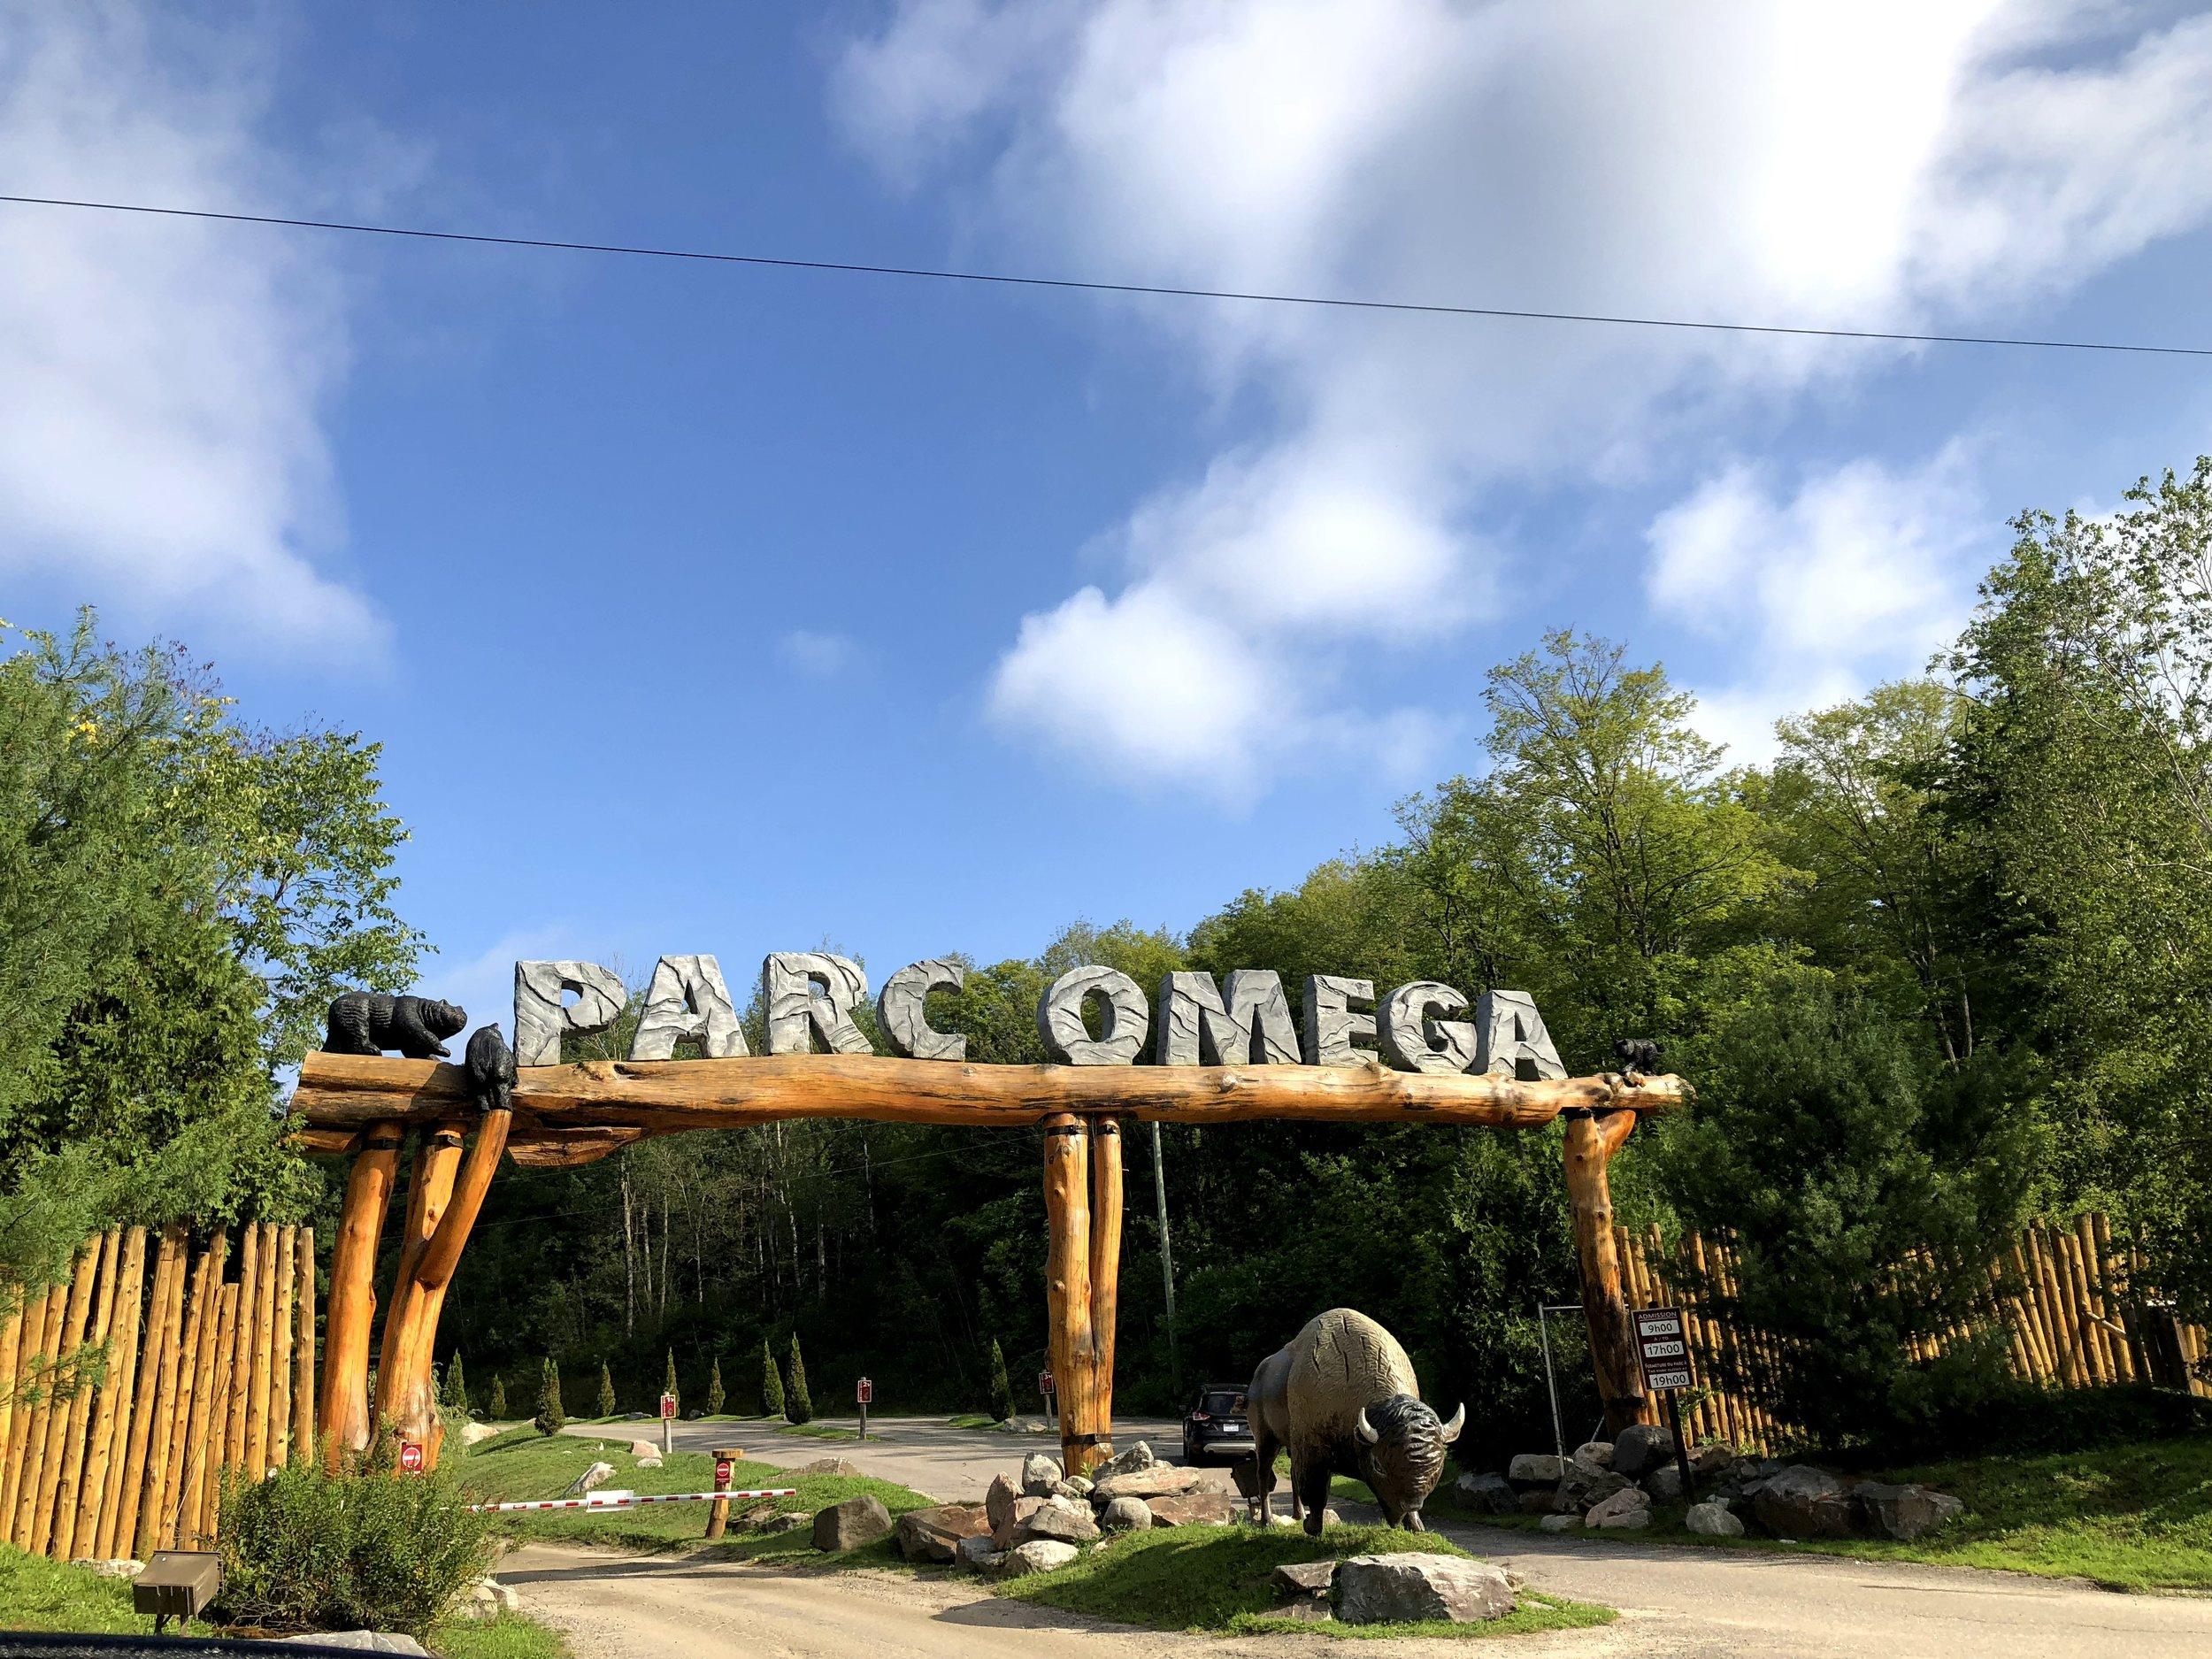 dormir dans un tipi-Parc Oméga-Camping-Glamping-tipis-Outaouais-Je suis une maman